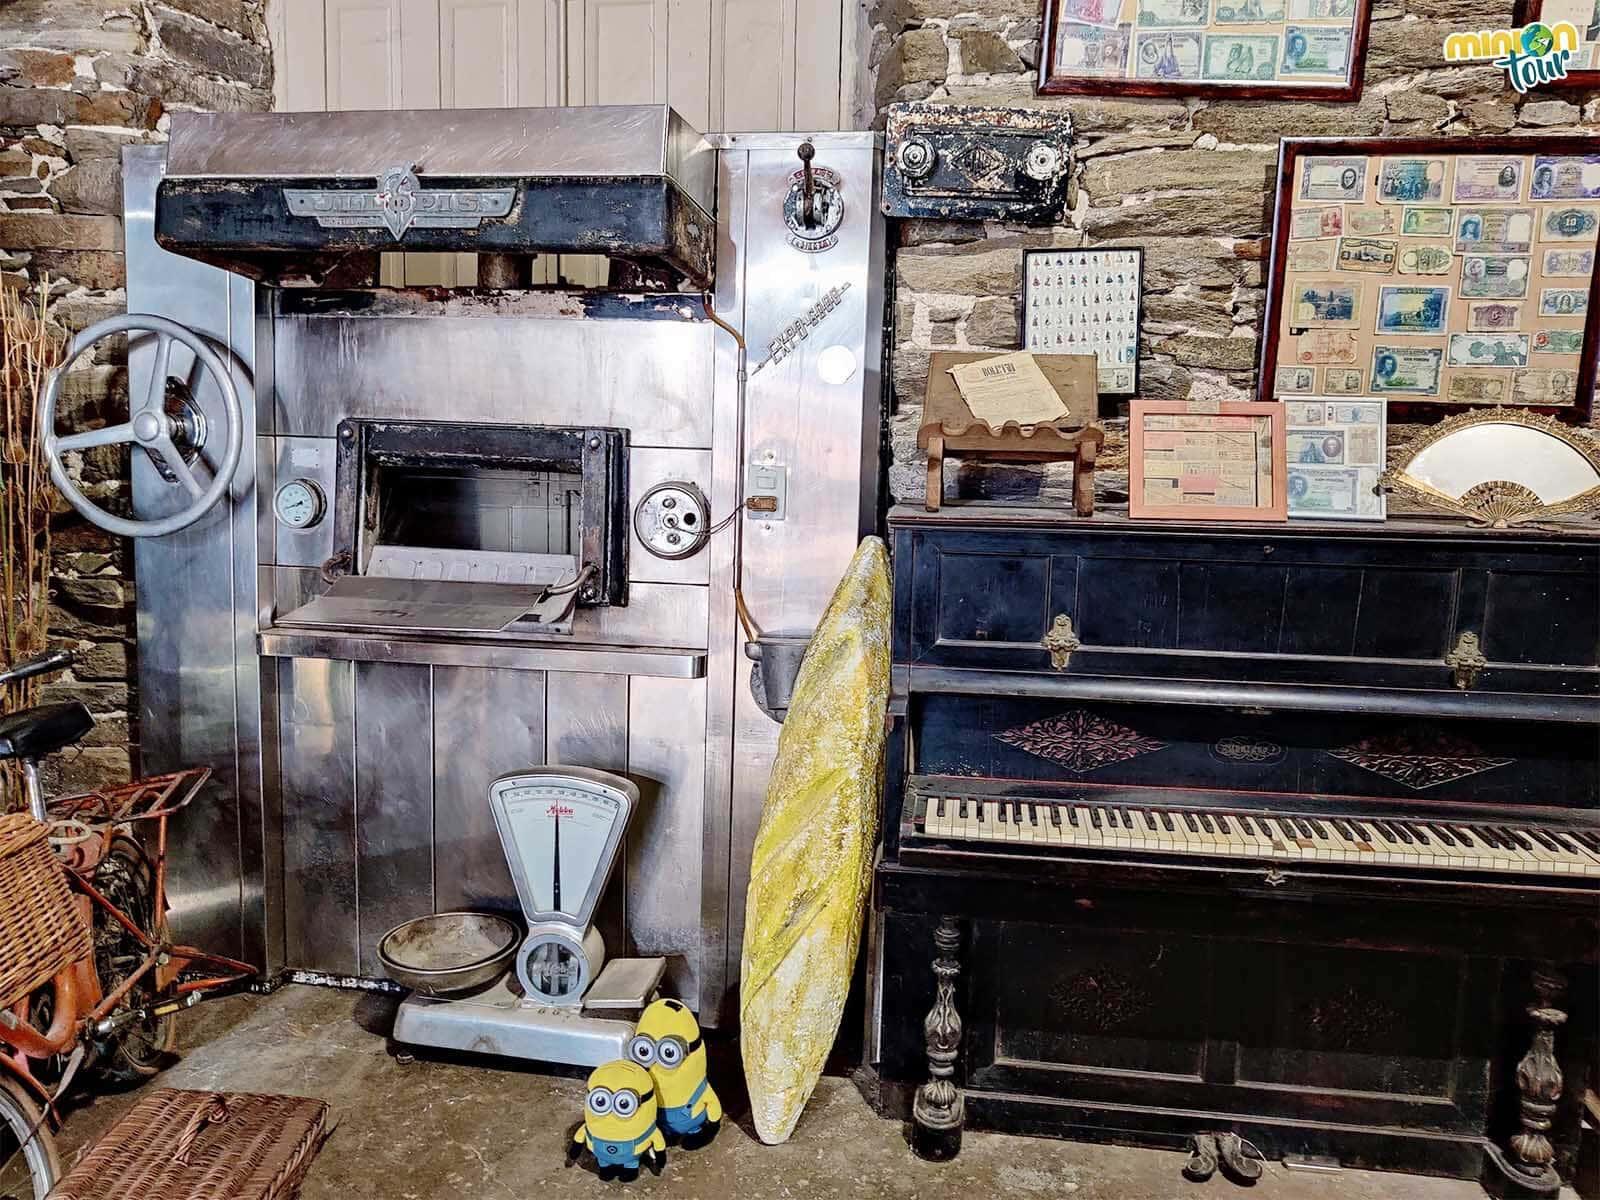 Este horno seguro que ha cocido muchos panes